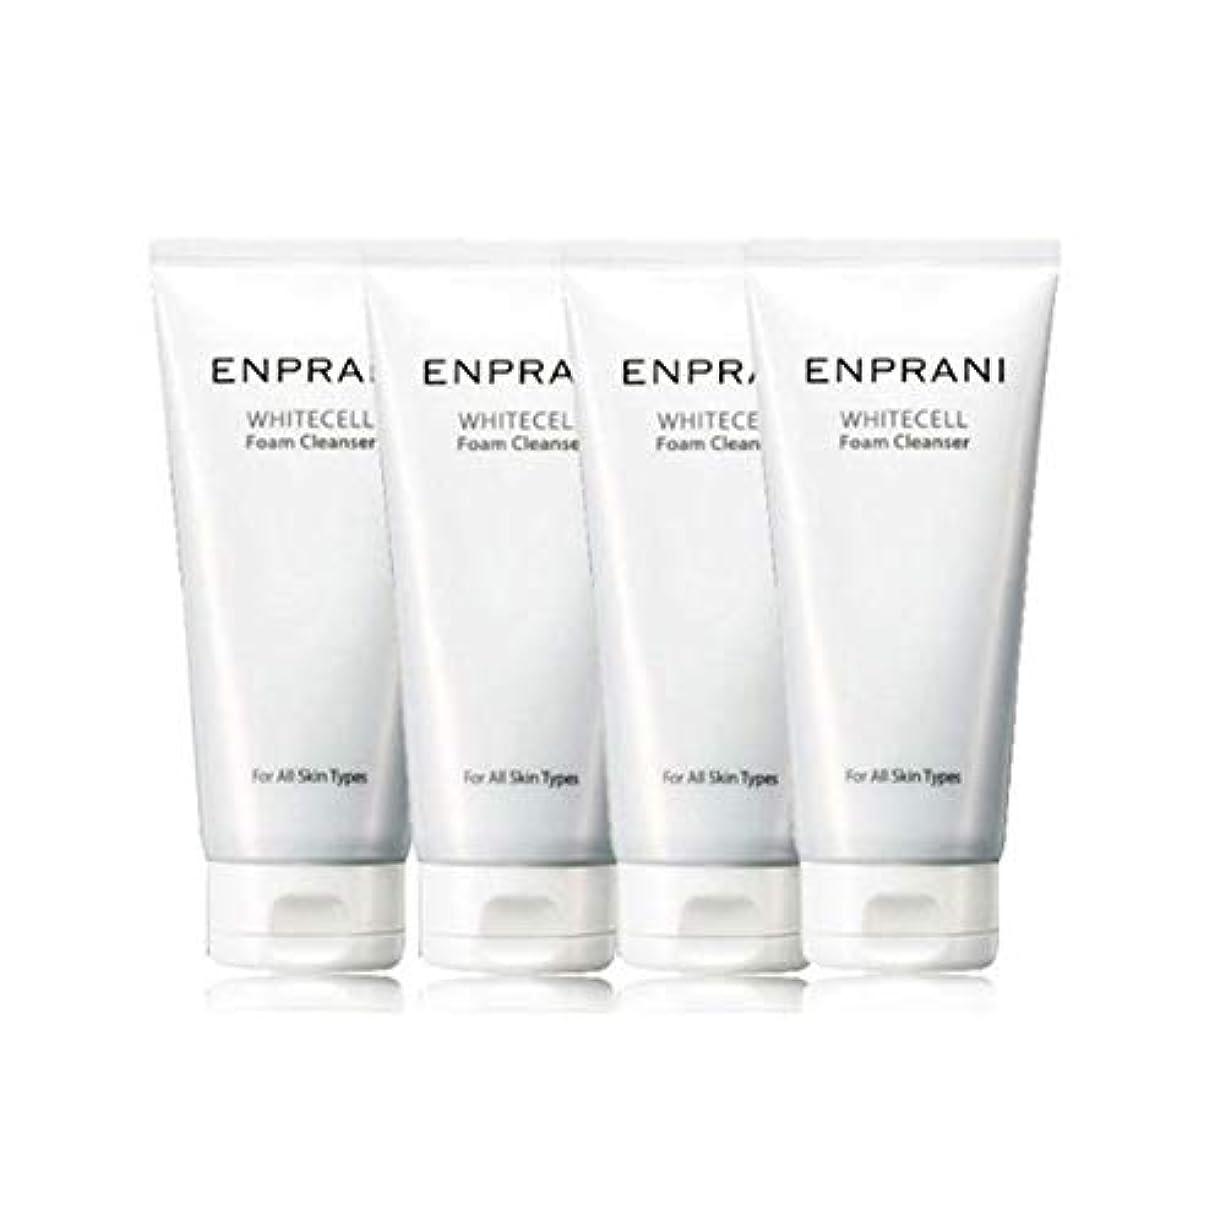 正確な壁デクリメントエンプラニホワイトセル、フォームクレンザー100mlx 4本セット毛穴洗浄 皮膚管理、Enprani White Cell Foam Cleanser 100mlx 4ea Set Pore Cleaning Skin...